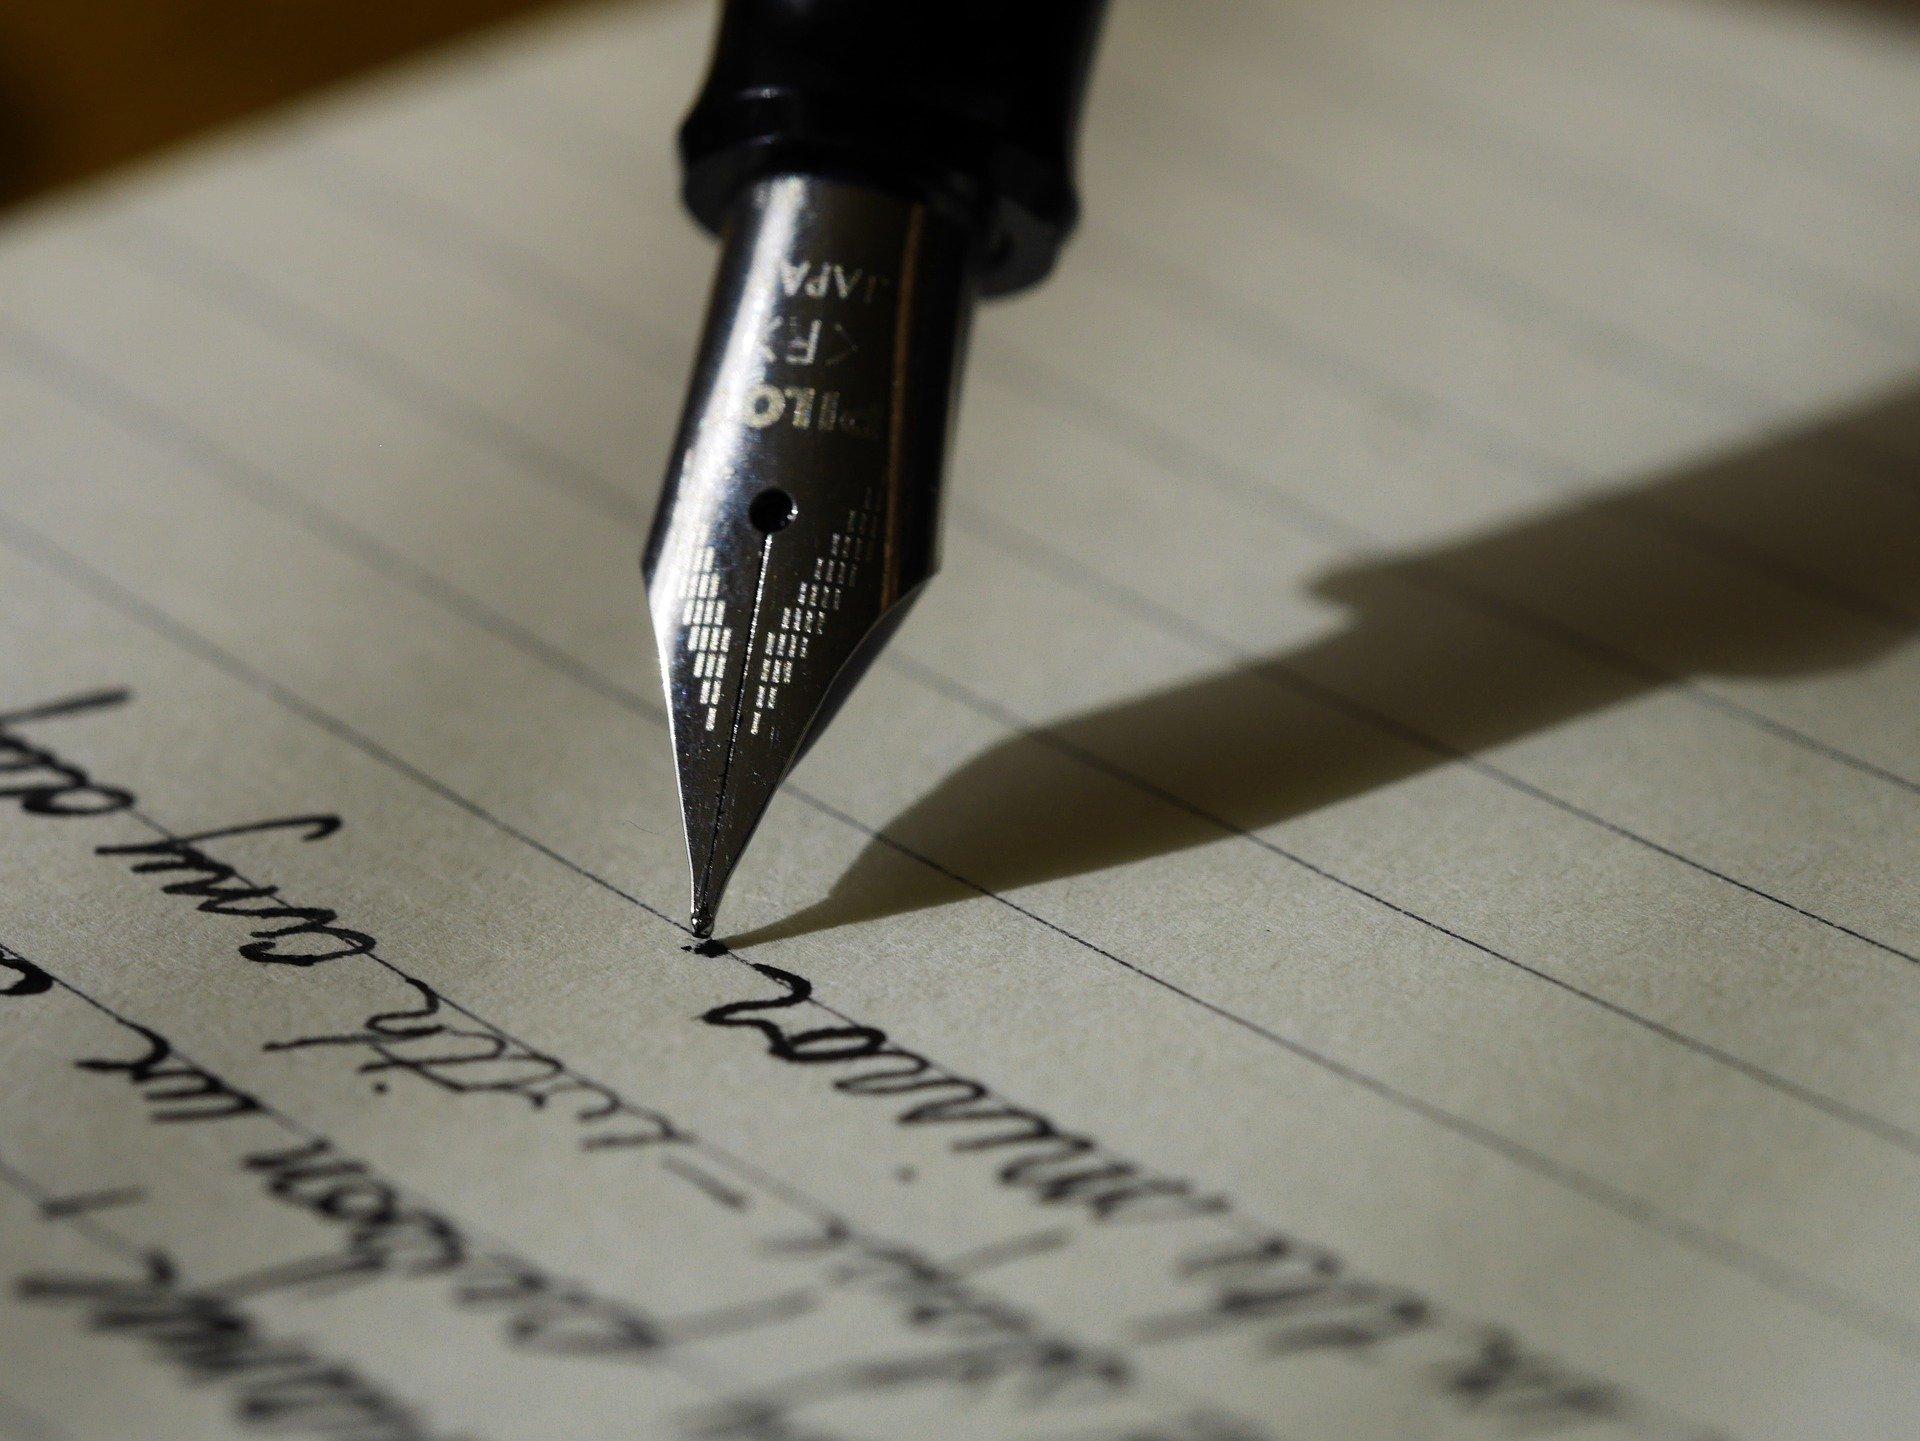 Foto de uma caneta escrevendo em um papel. Imagem ilustrativa para o texto como tirar manchas de caneta do couro.